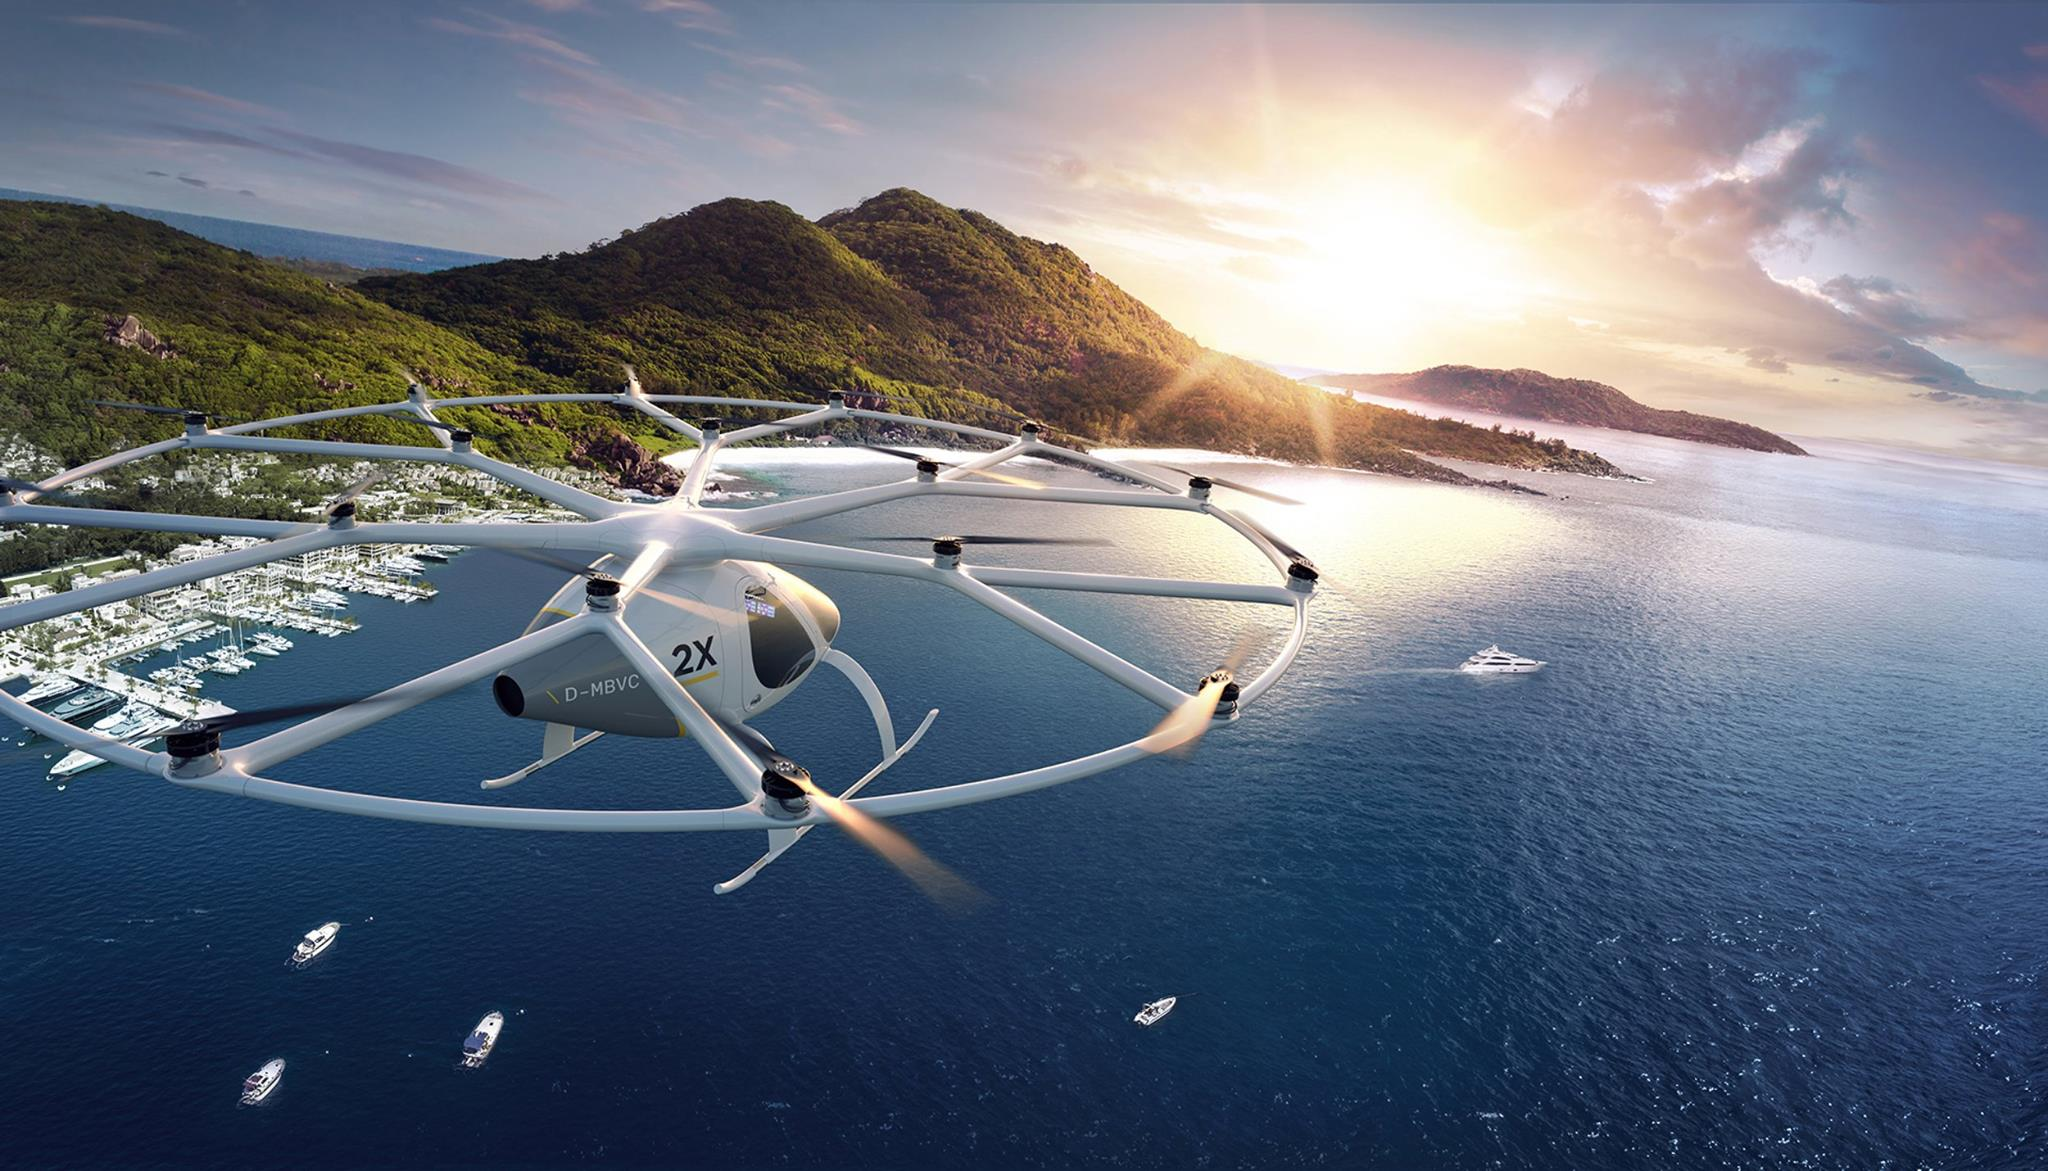 Le super-drone de Volocopter © Volocopter